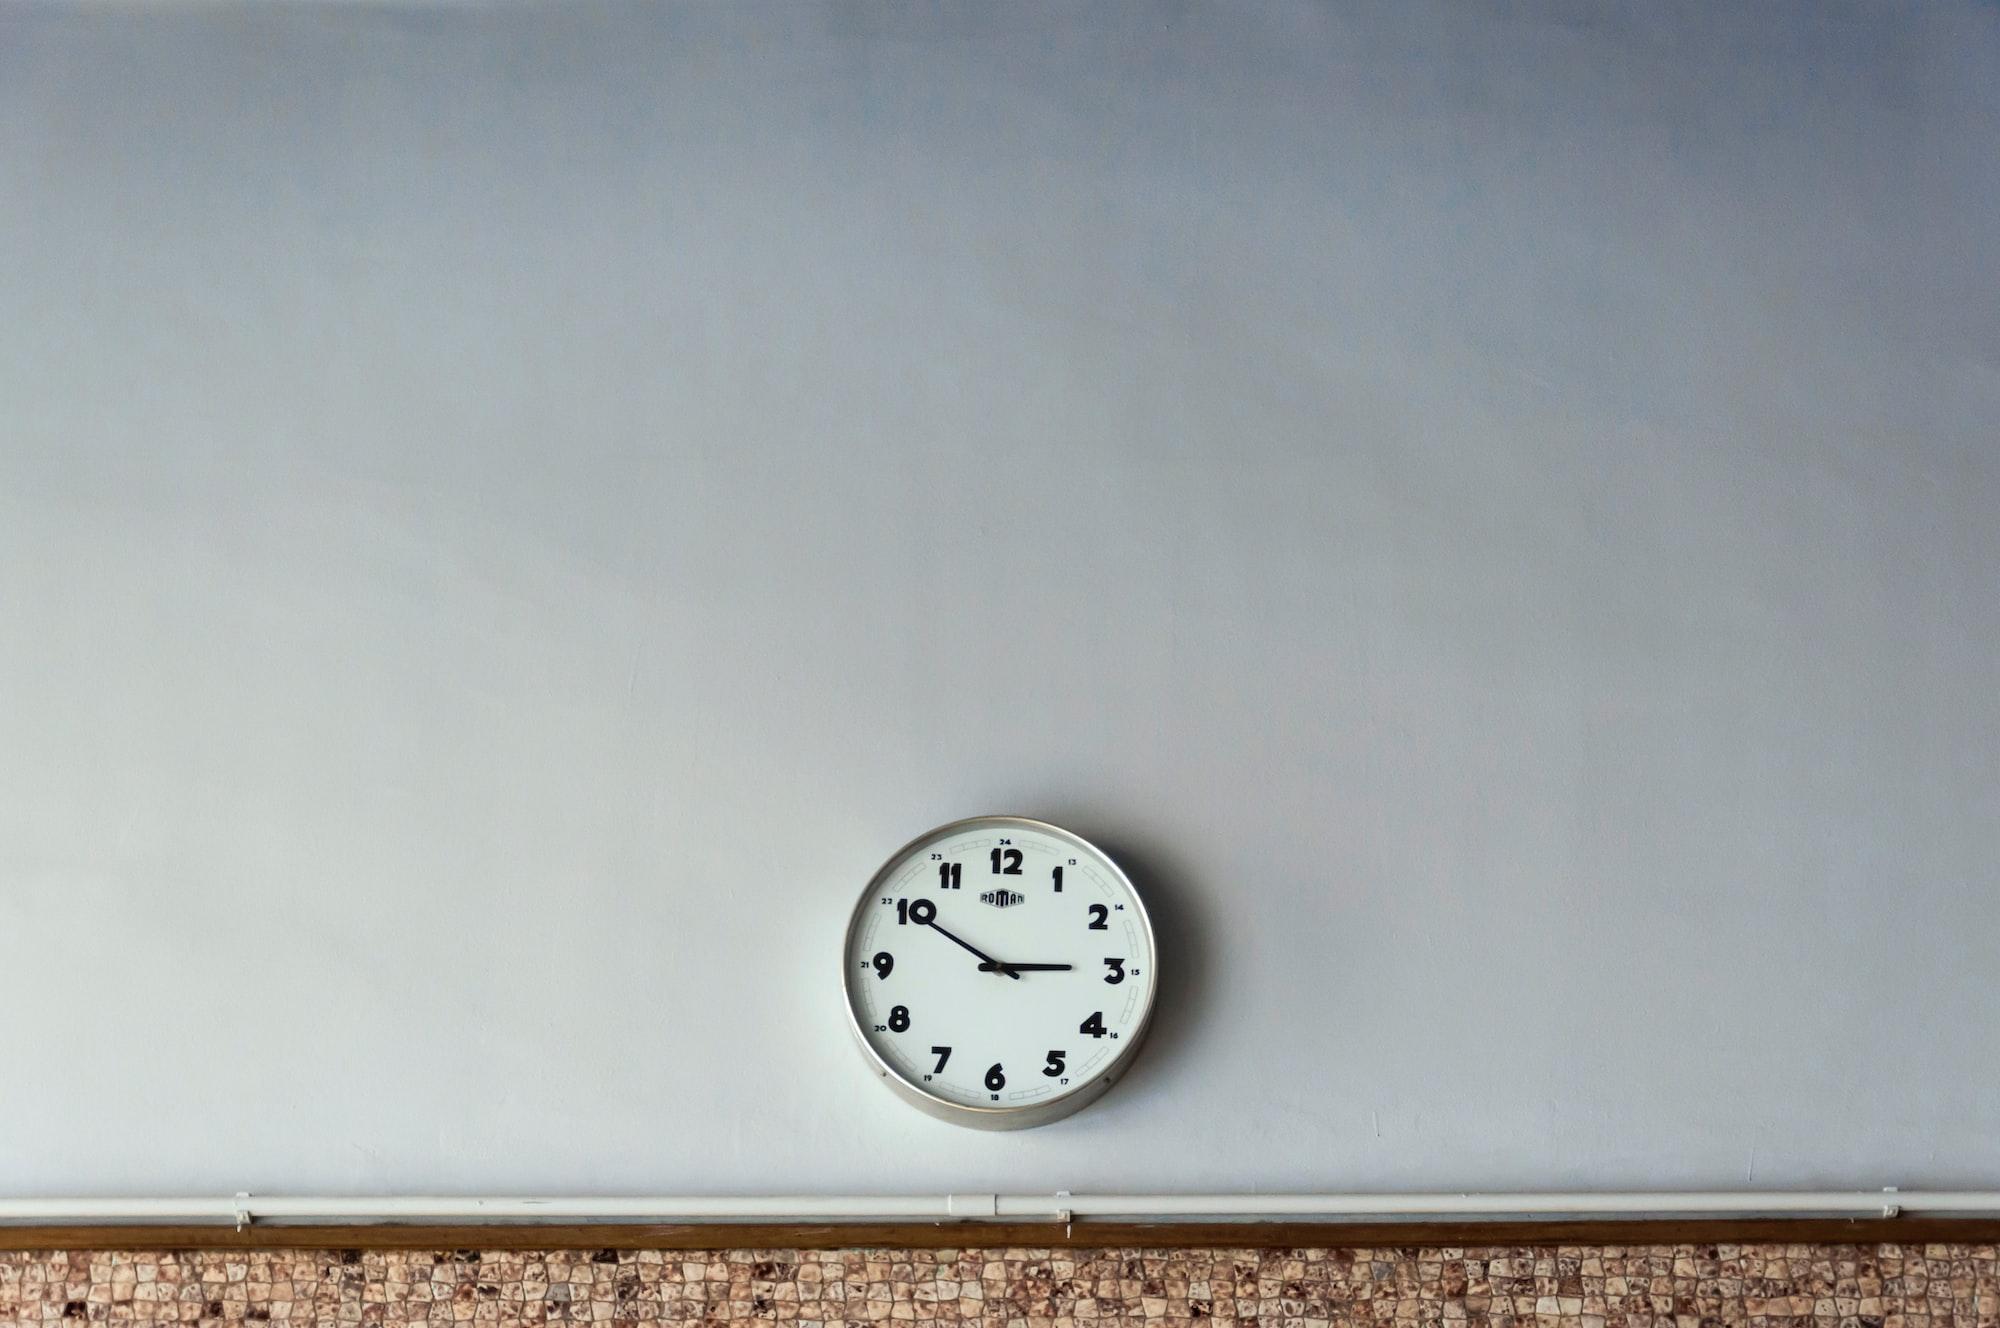 Todo sobre los préstamos personales urgentes más rápidos en línea